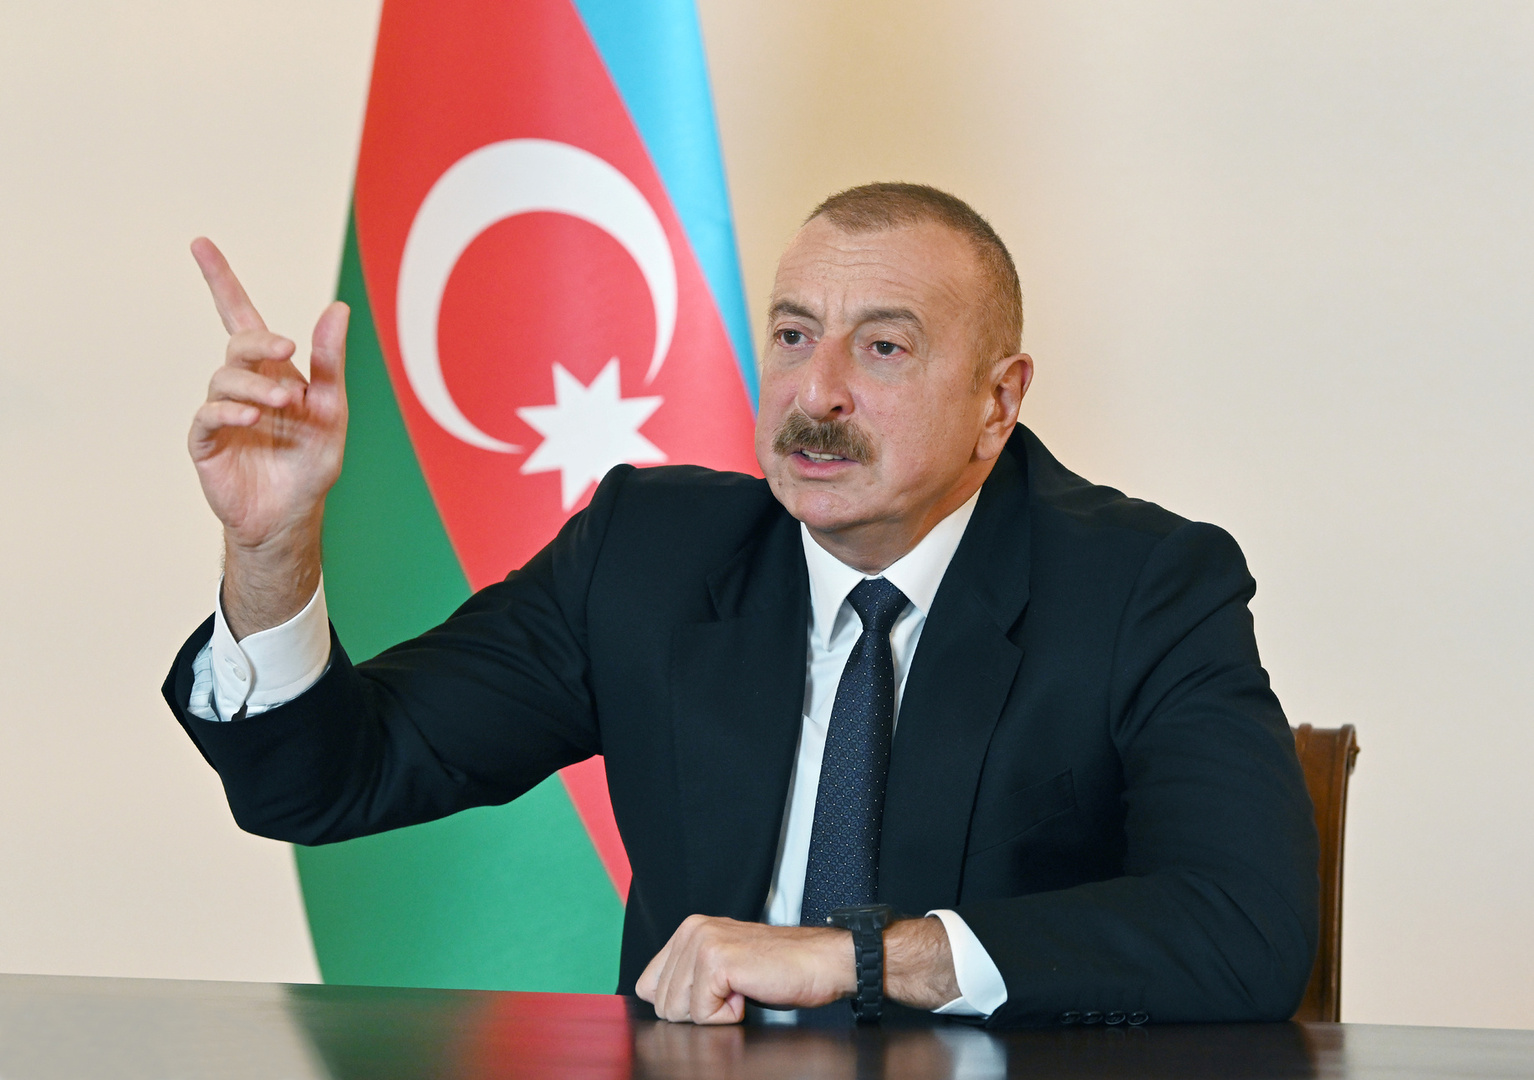 علييف: حررنا 40 بلدة ومدينة بالمعارك مع القوات الأرمنية والنزاع سيتم حله بطريقة عسكرية سياسية